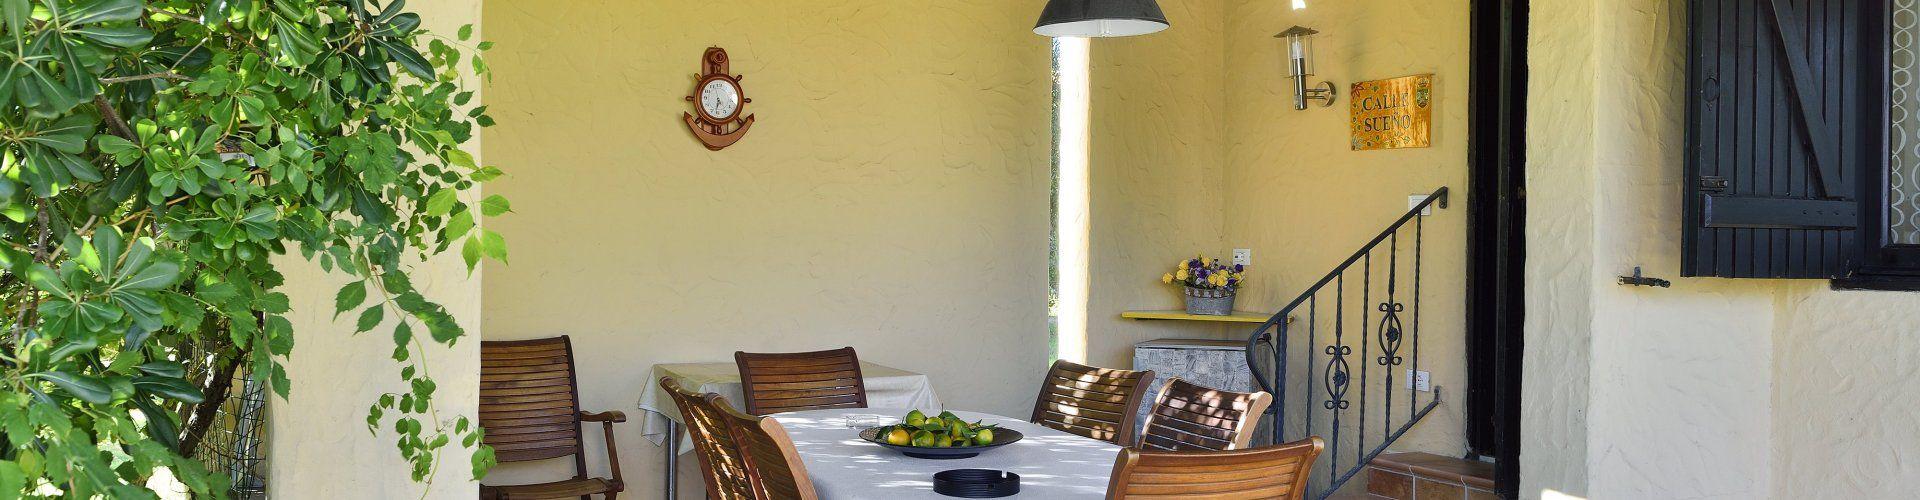 Tavolo da pranzo all'aperto